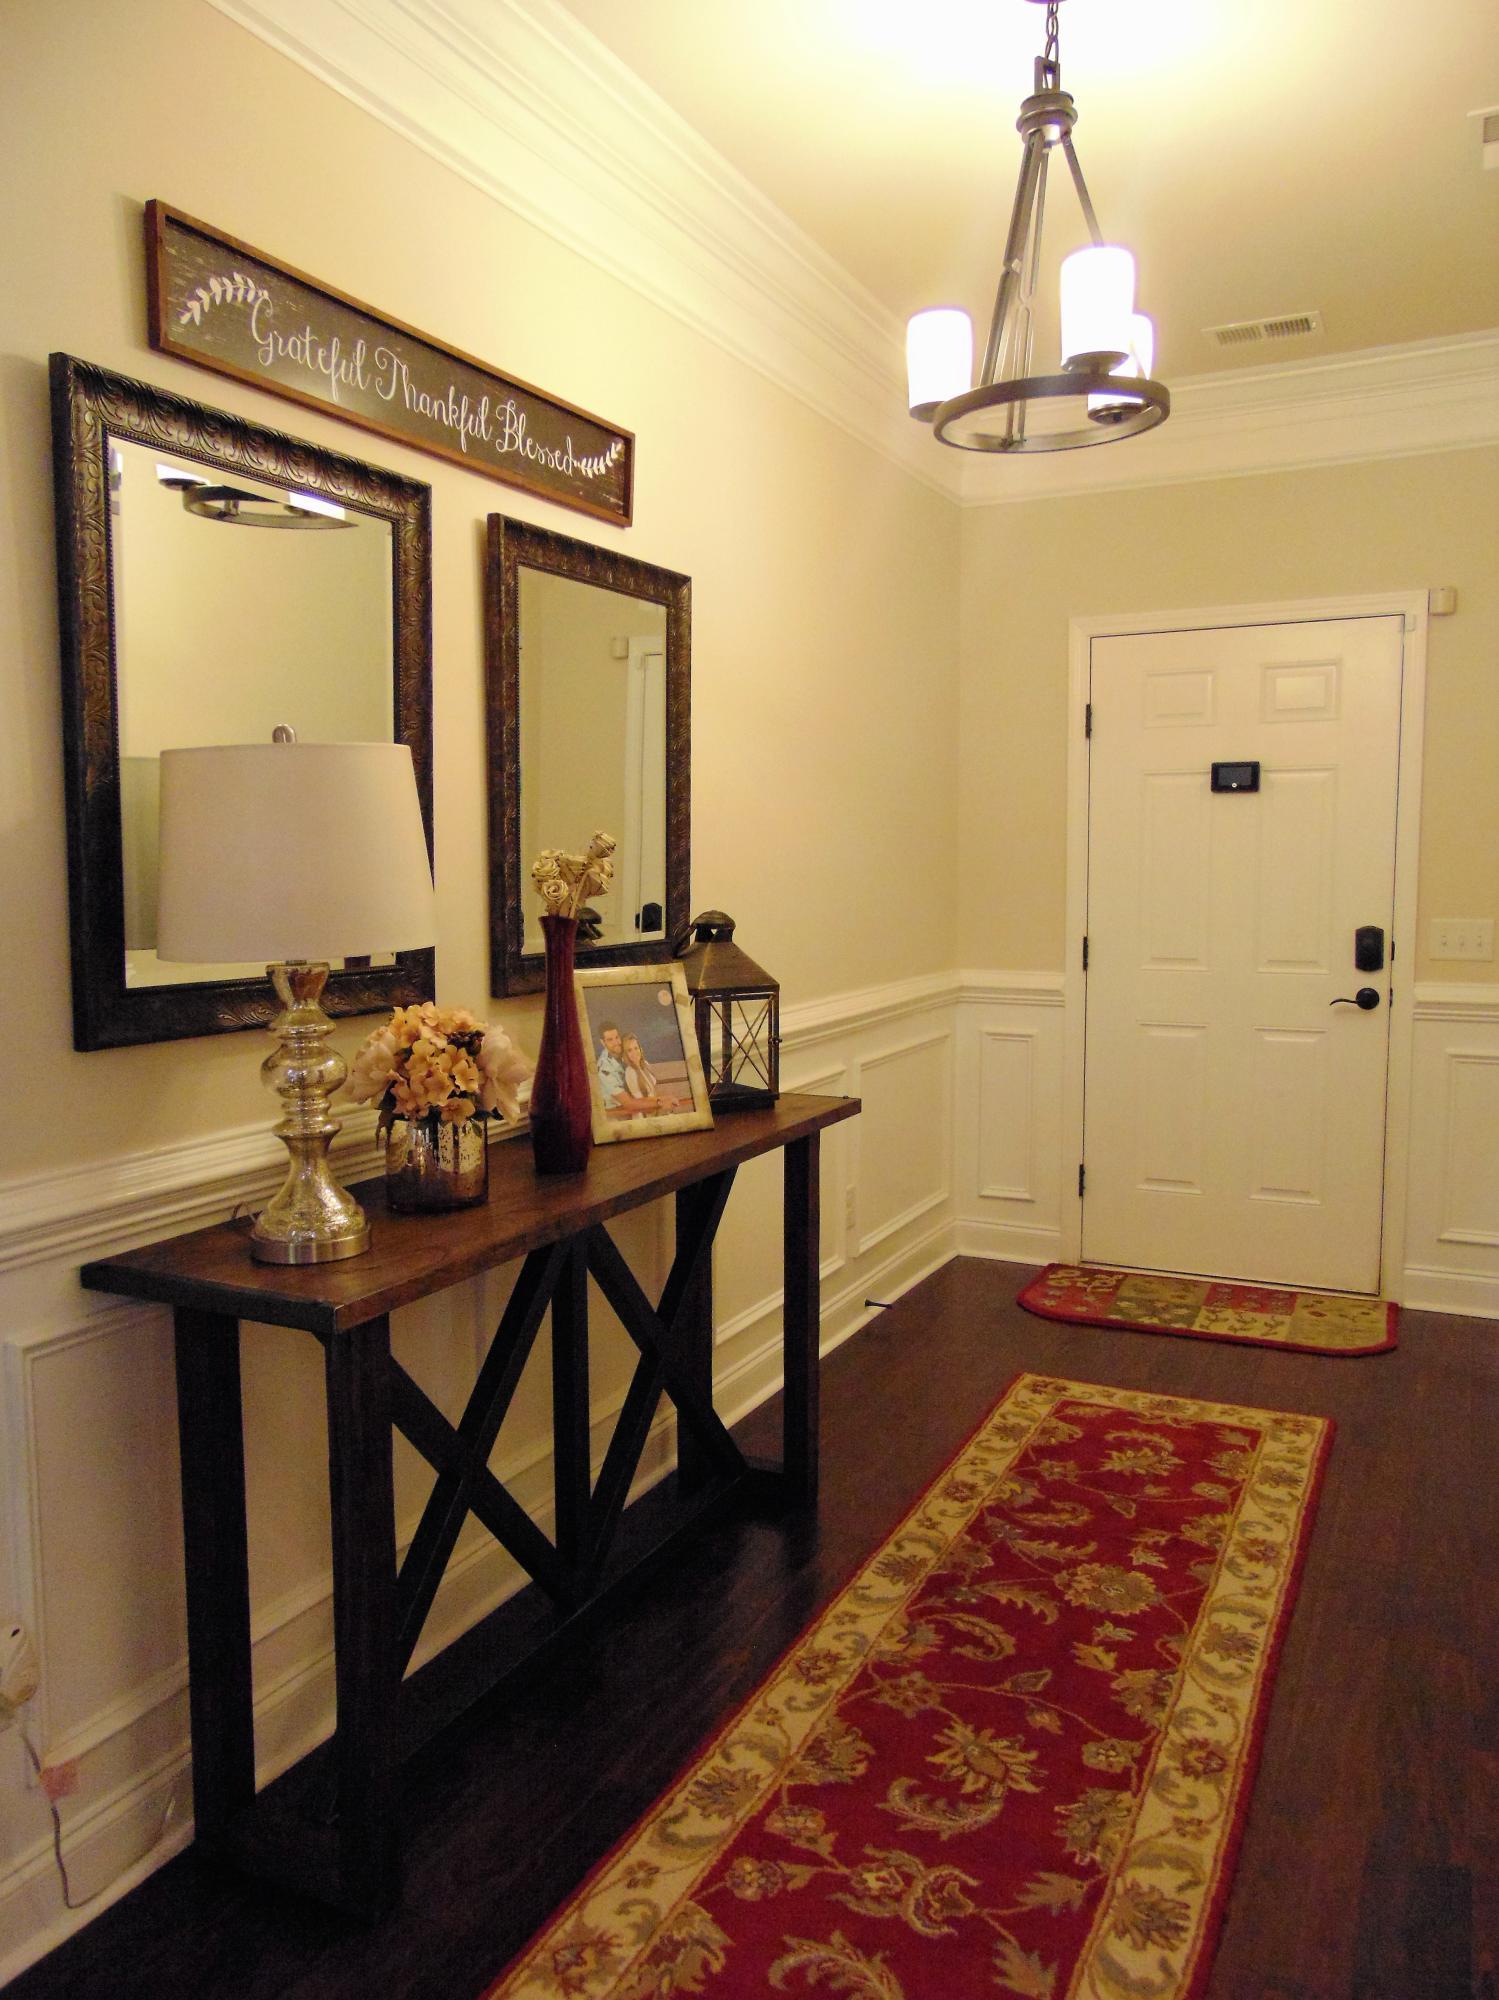 Cane Bay Plantation Homes For Sale - 300 Decatur, Summerville, SC - 6